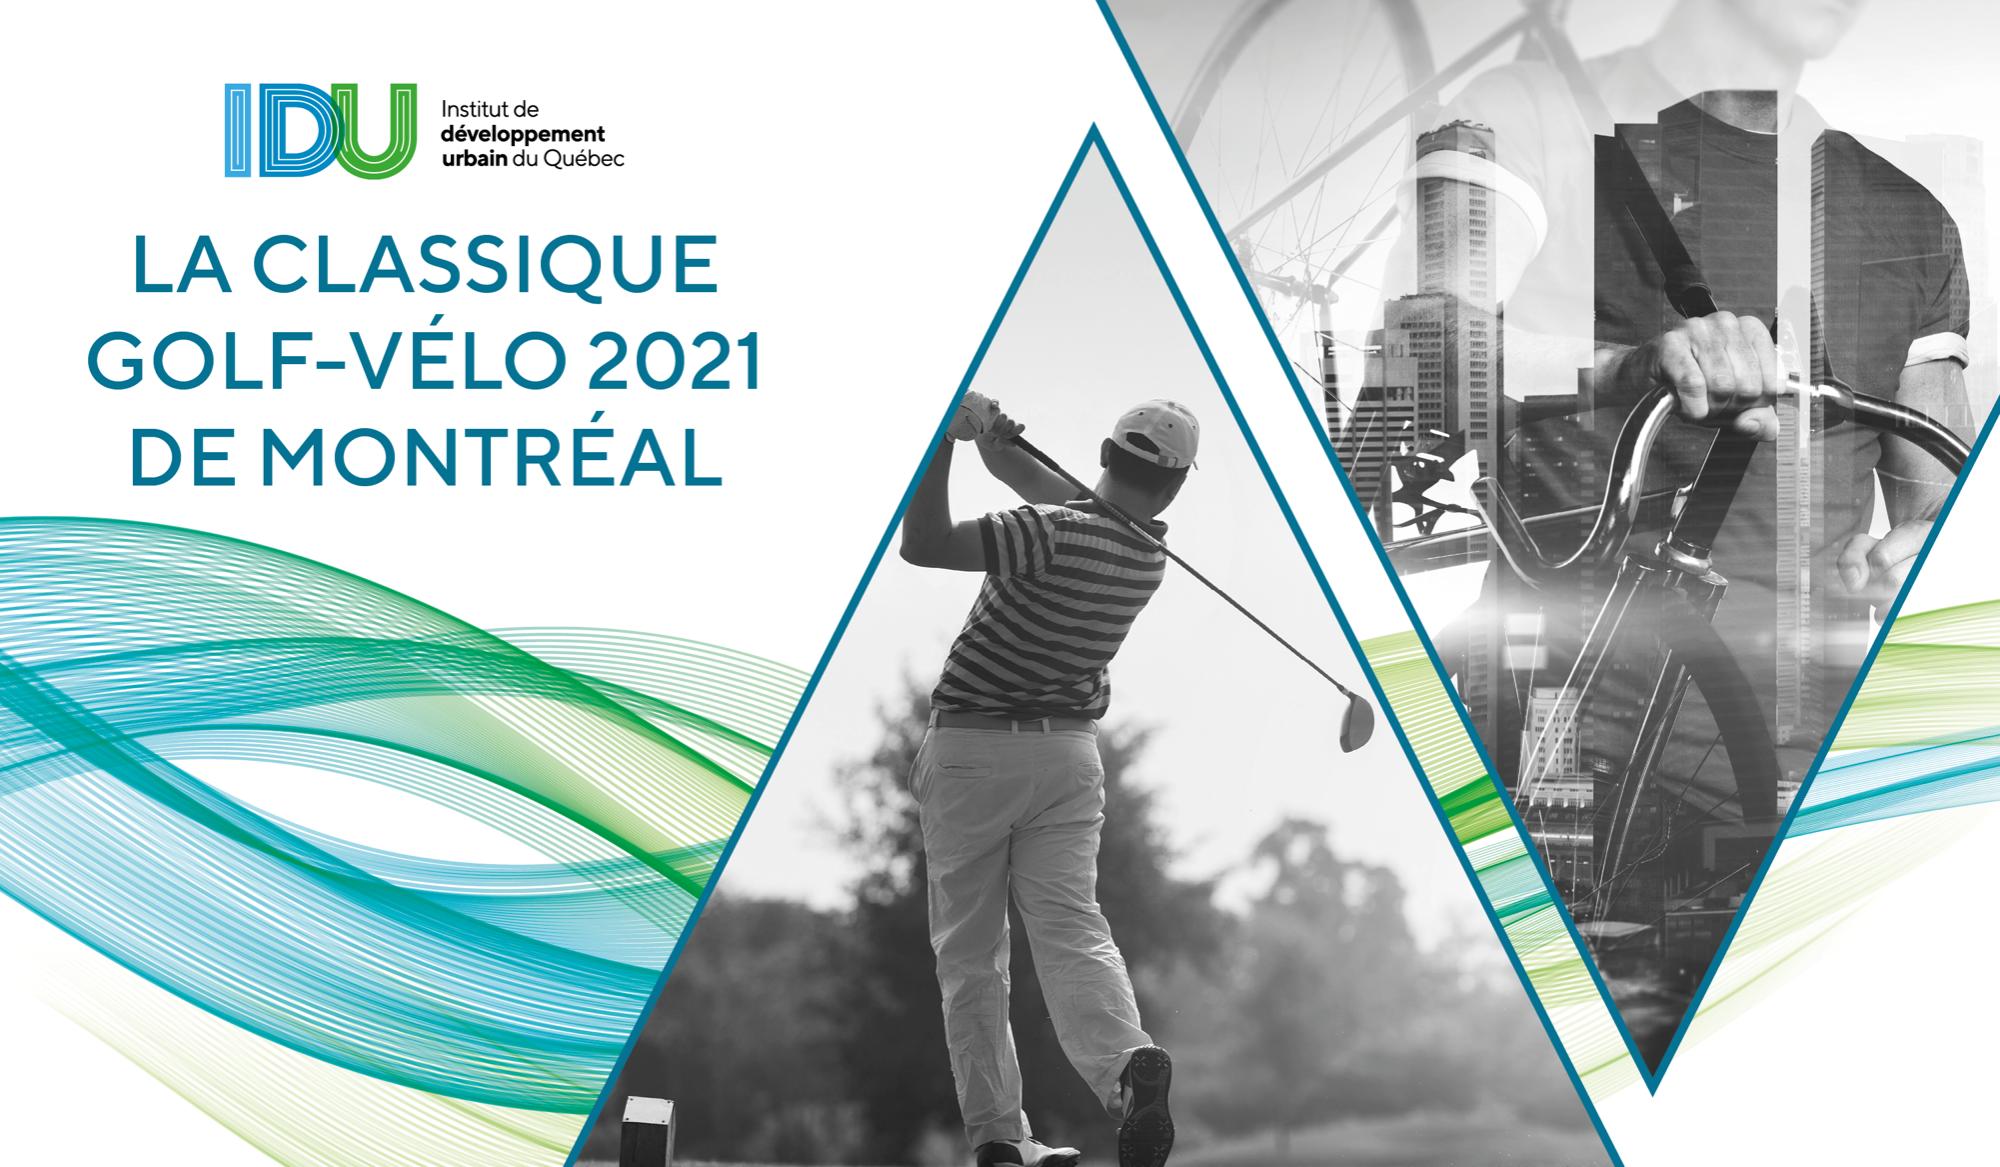 La Classique Golf-Vélo de Montréal 2021